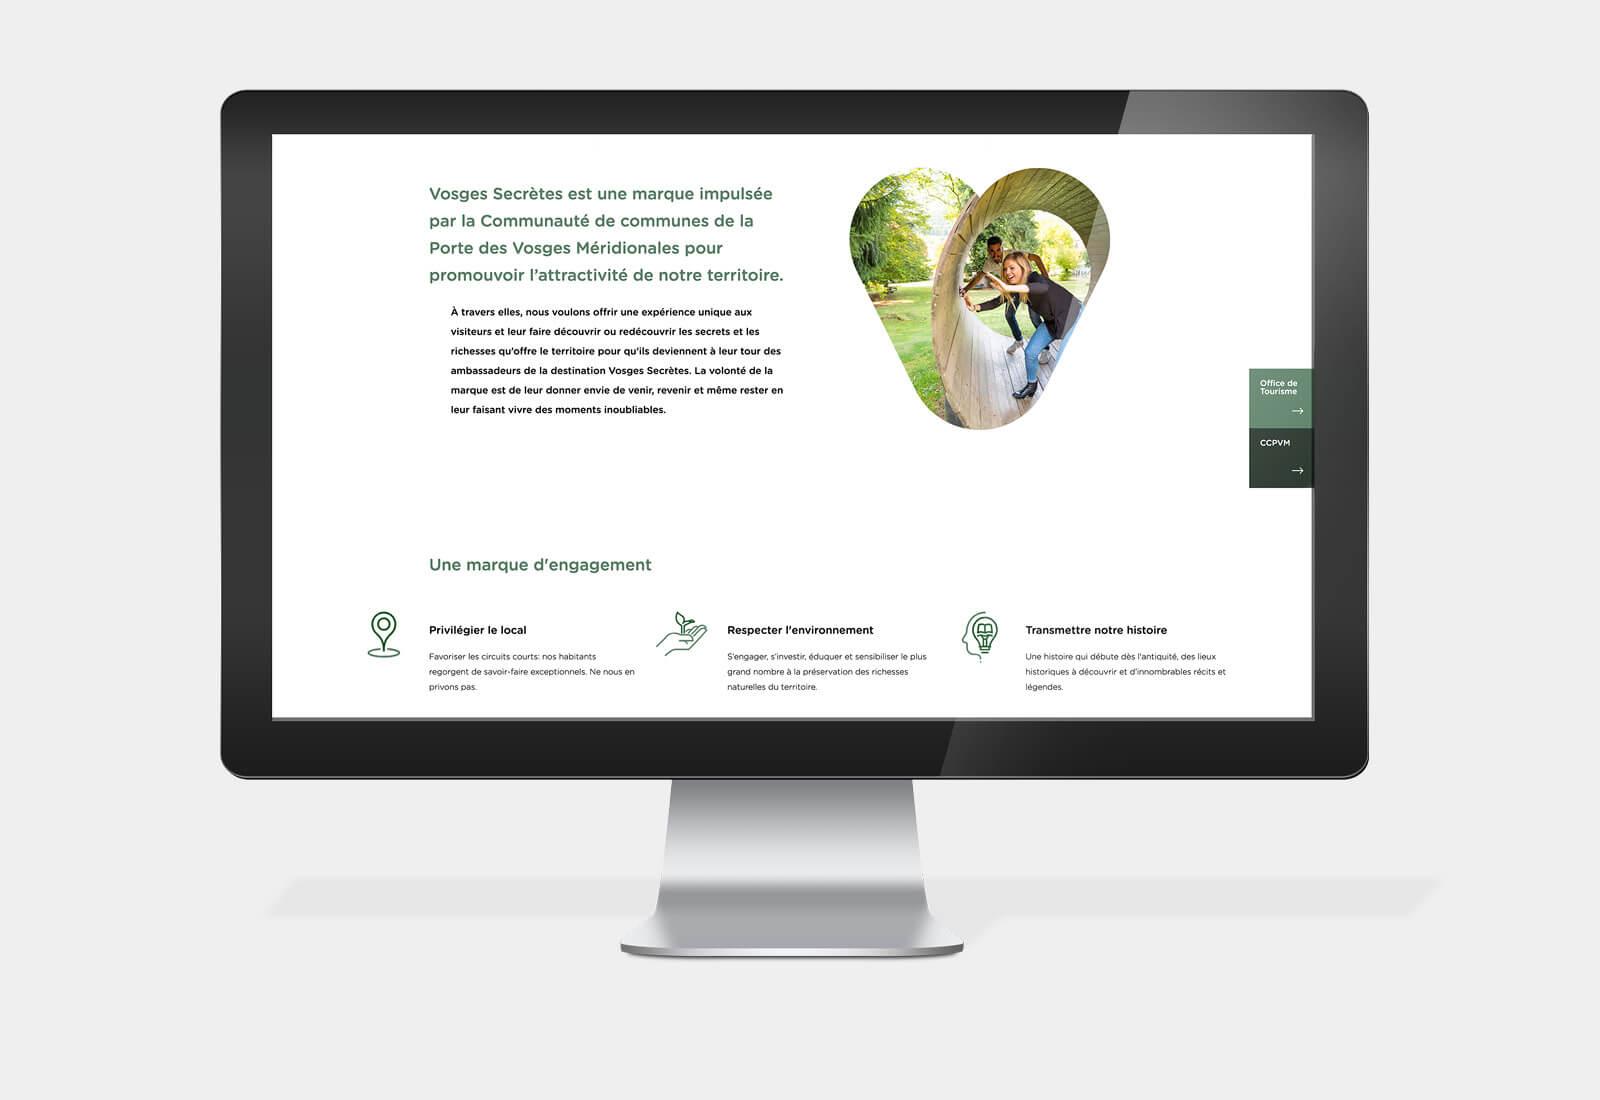 lezardscreation agence communication publicite vosges remiremont vosges secretes vosges secretes site